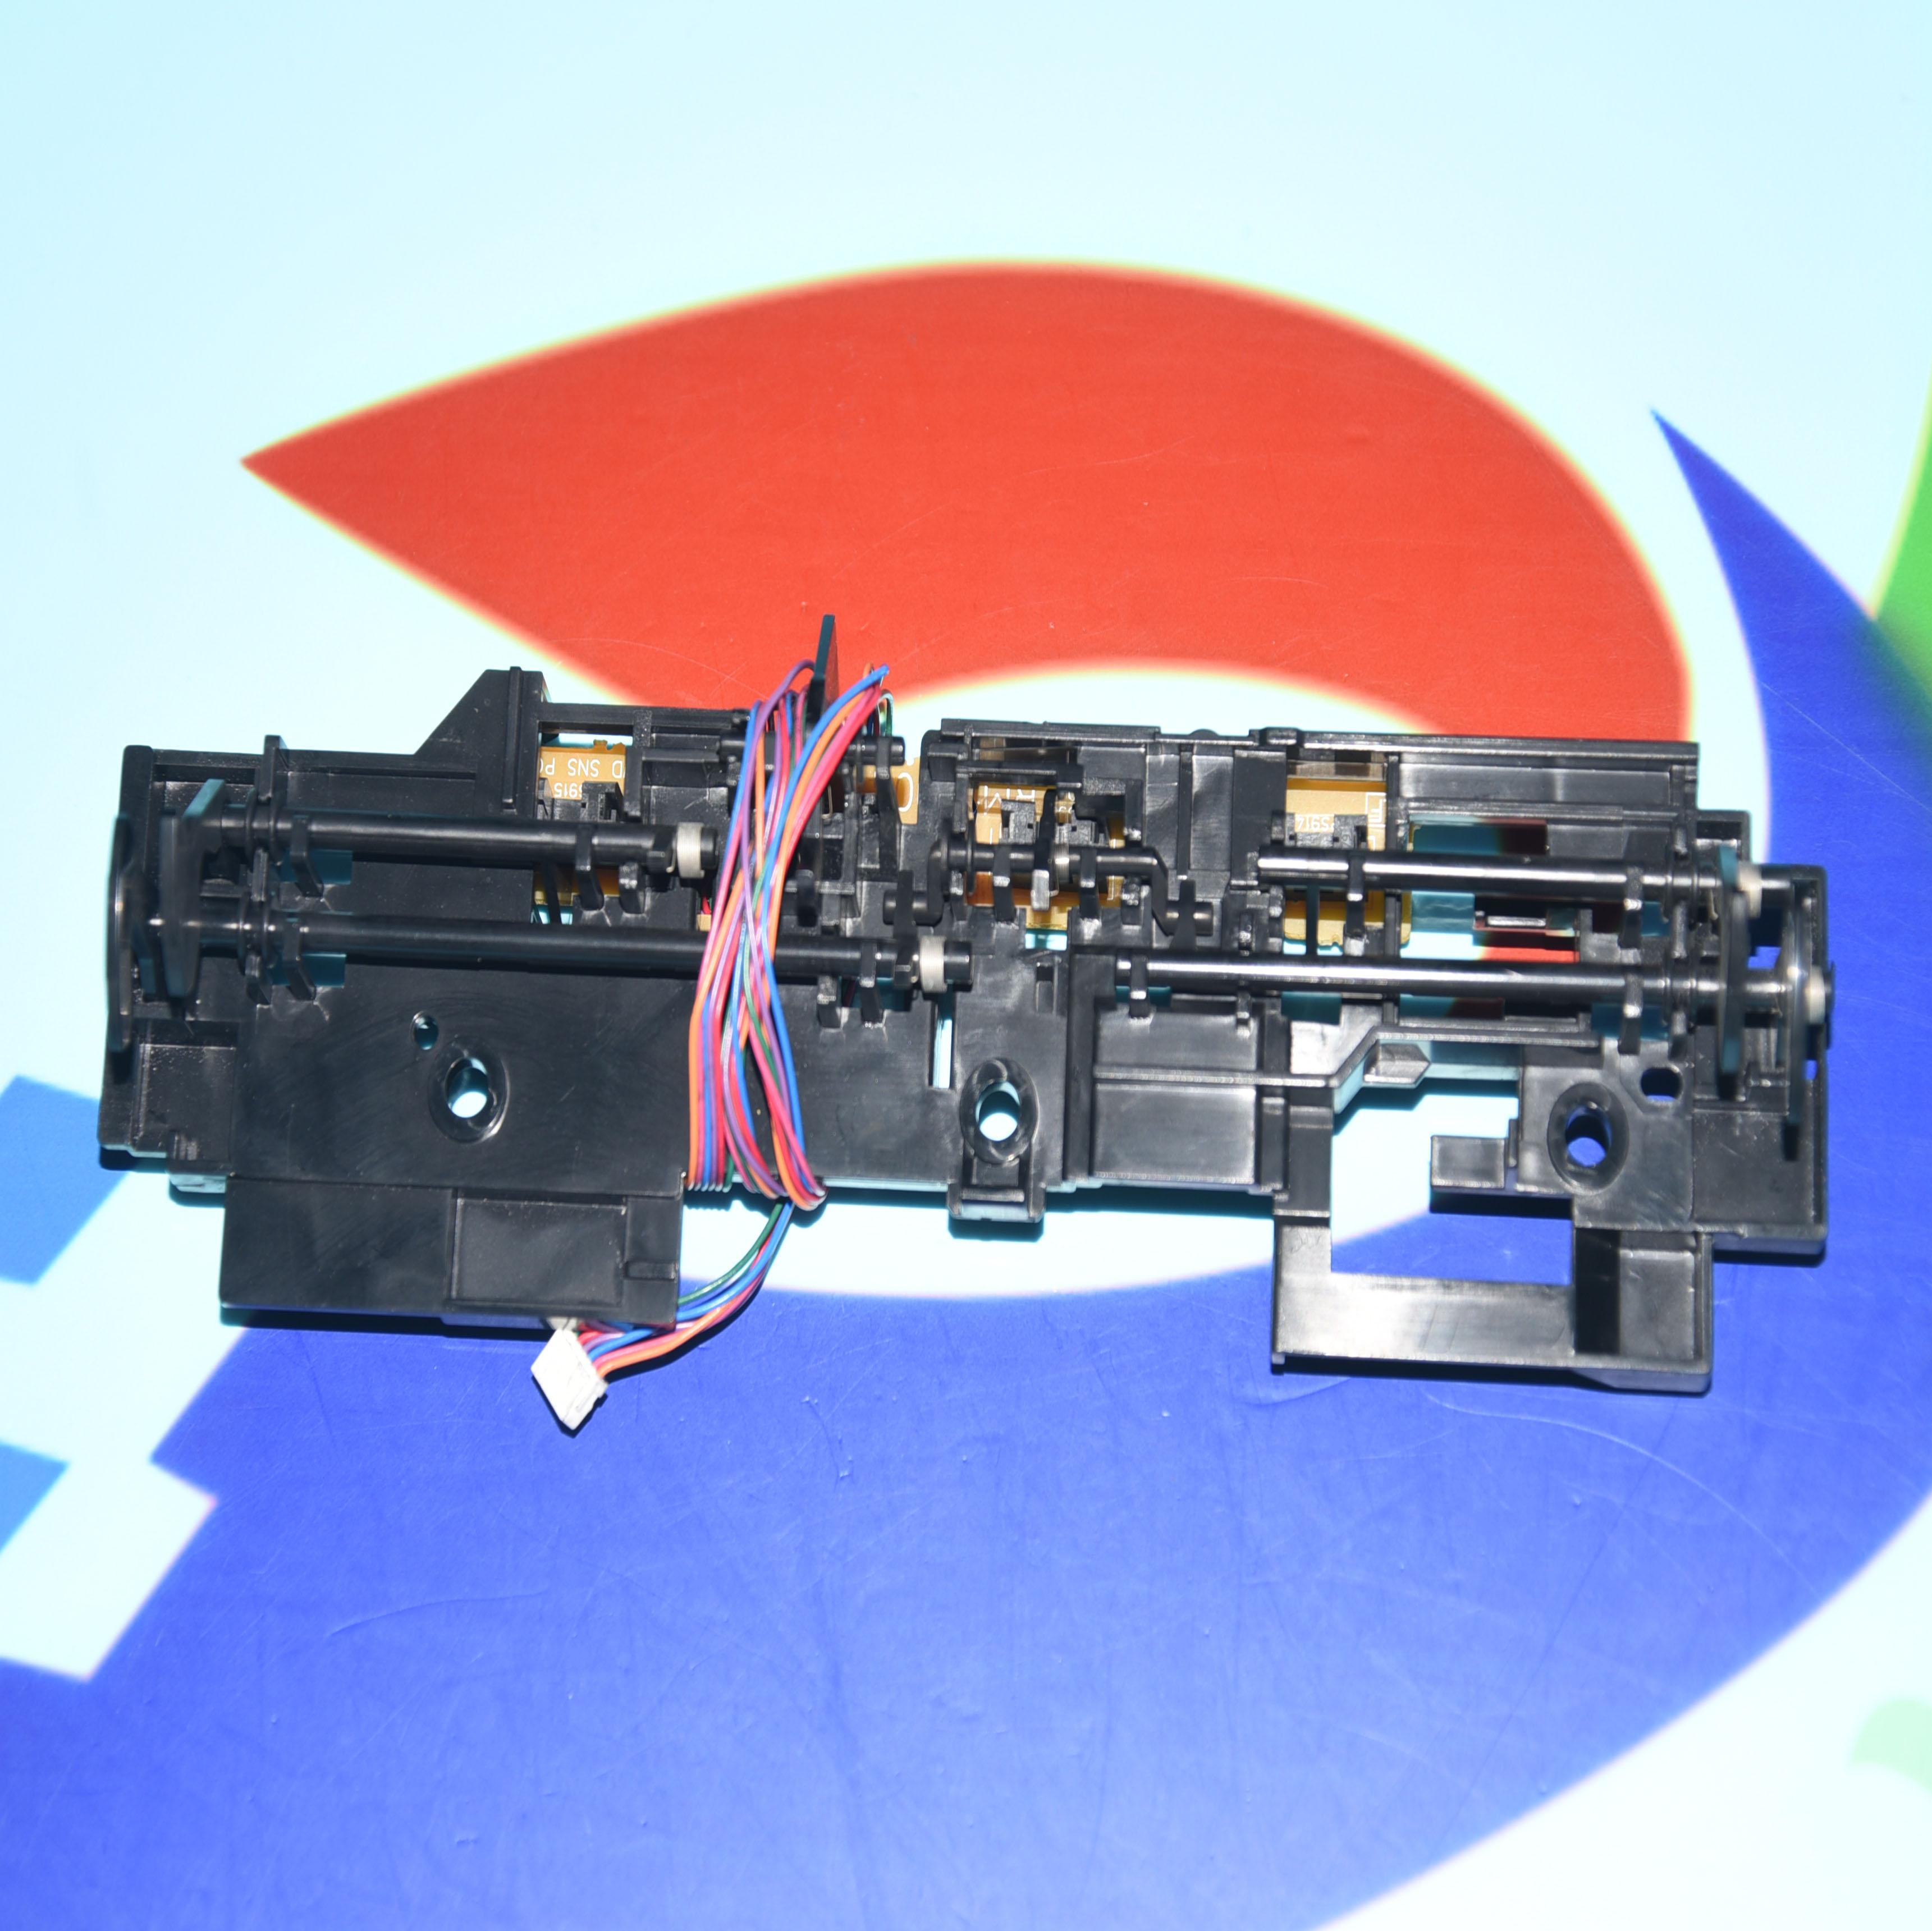 1 قطعة تجديد ورقة المغذية الاستشعار صينية 2 RM1-8807-000CN ل HP ليزر جيت pro400 M401 M425 الاستشعار الجمعية طابعة أجزاء